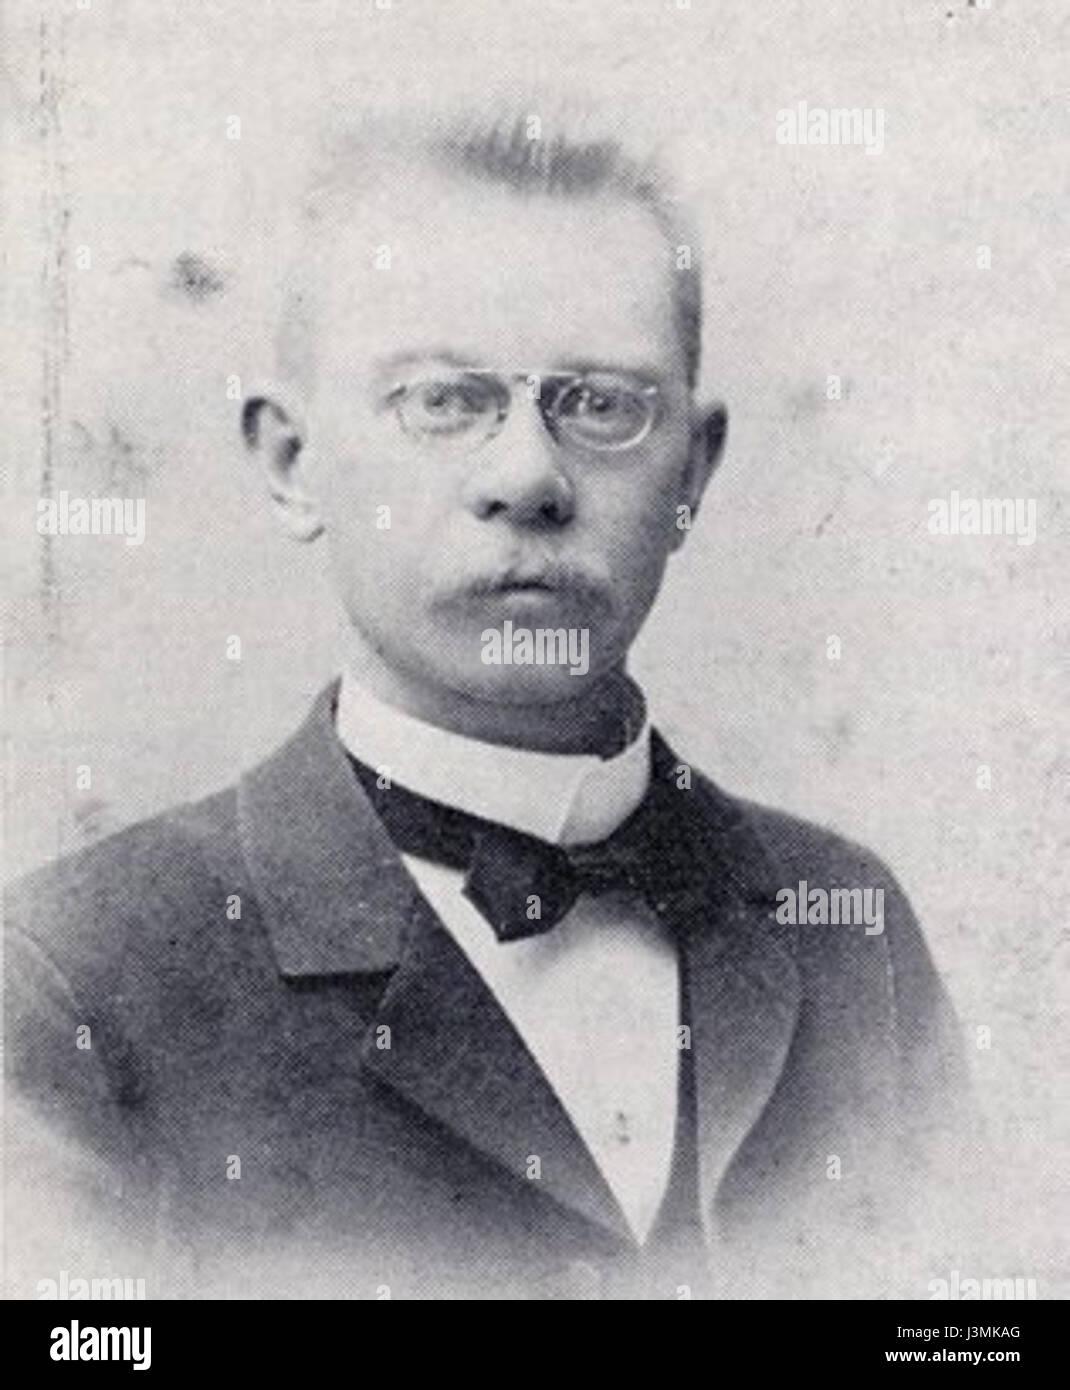 Gideon Danell 1902 - Stock Image